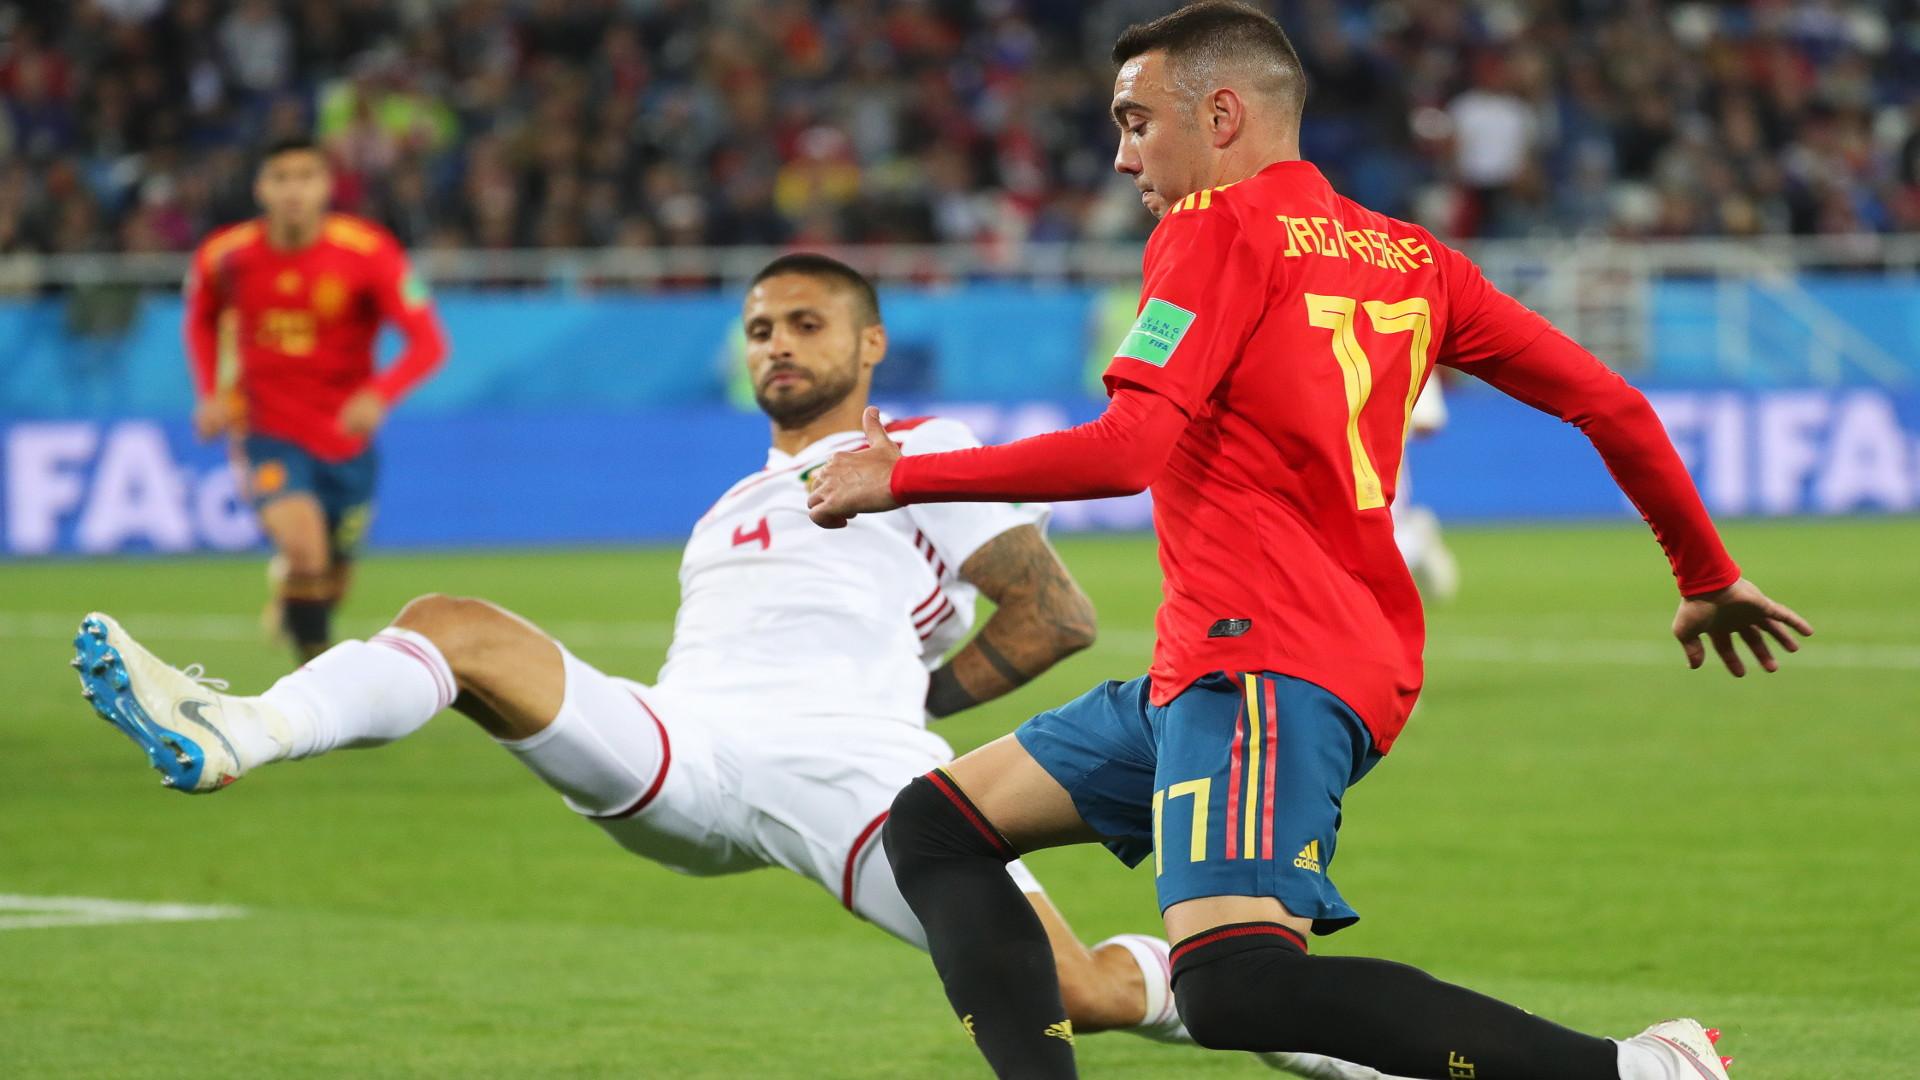 163cd3bae Rosja 2018: Hiszpania wyszarpała remis i pierwsze miejsce w grupie. Maroko  honorowo pożegnało się z mundialem - Rosja 2018 - polskieradio.pl